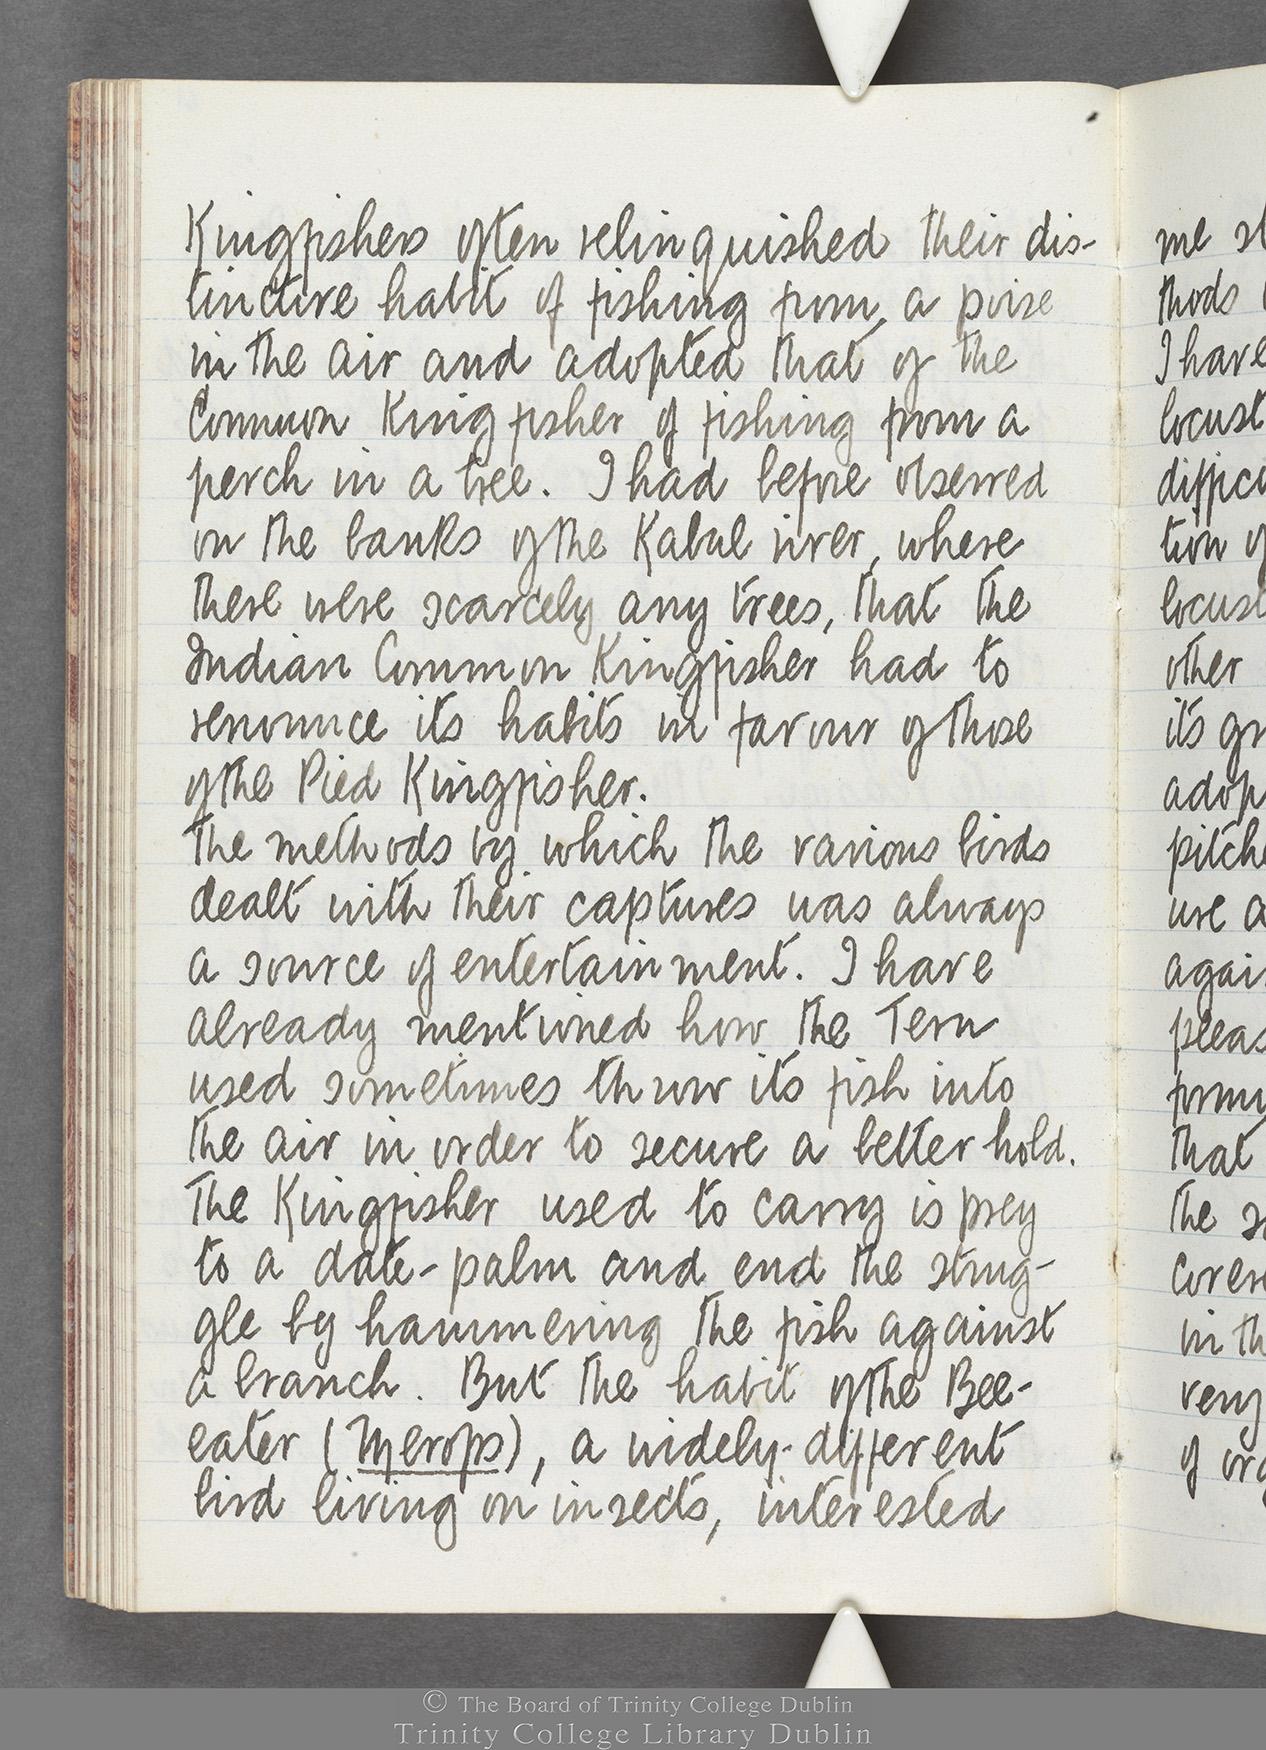 TCD MS 10516 folio 61 verso